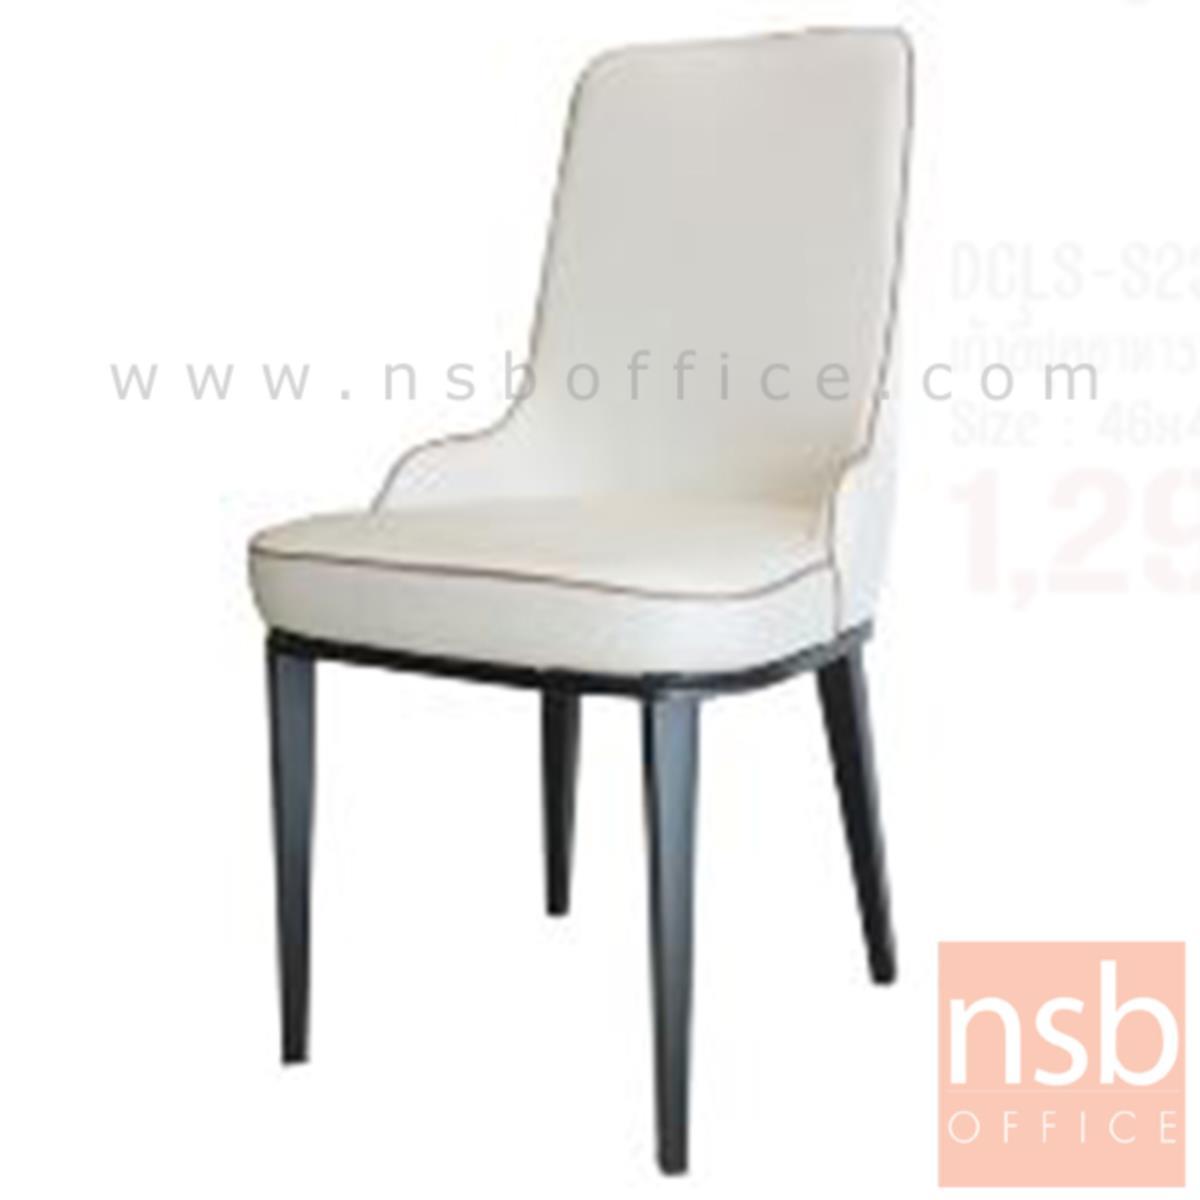 B22A149:เก้าอี้ไม้ที่นั่งหุ้มหนังเทียม รุ่น FT-D532 ขาเหล็กเคลือบลายไม้